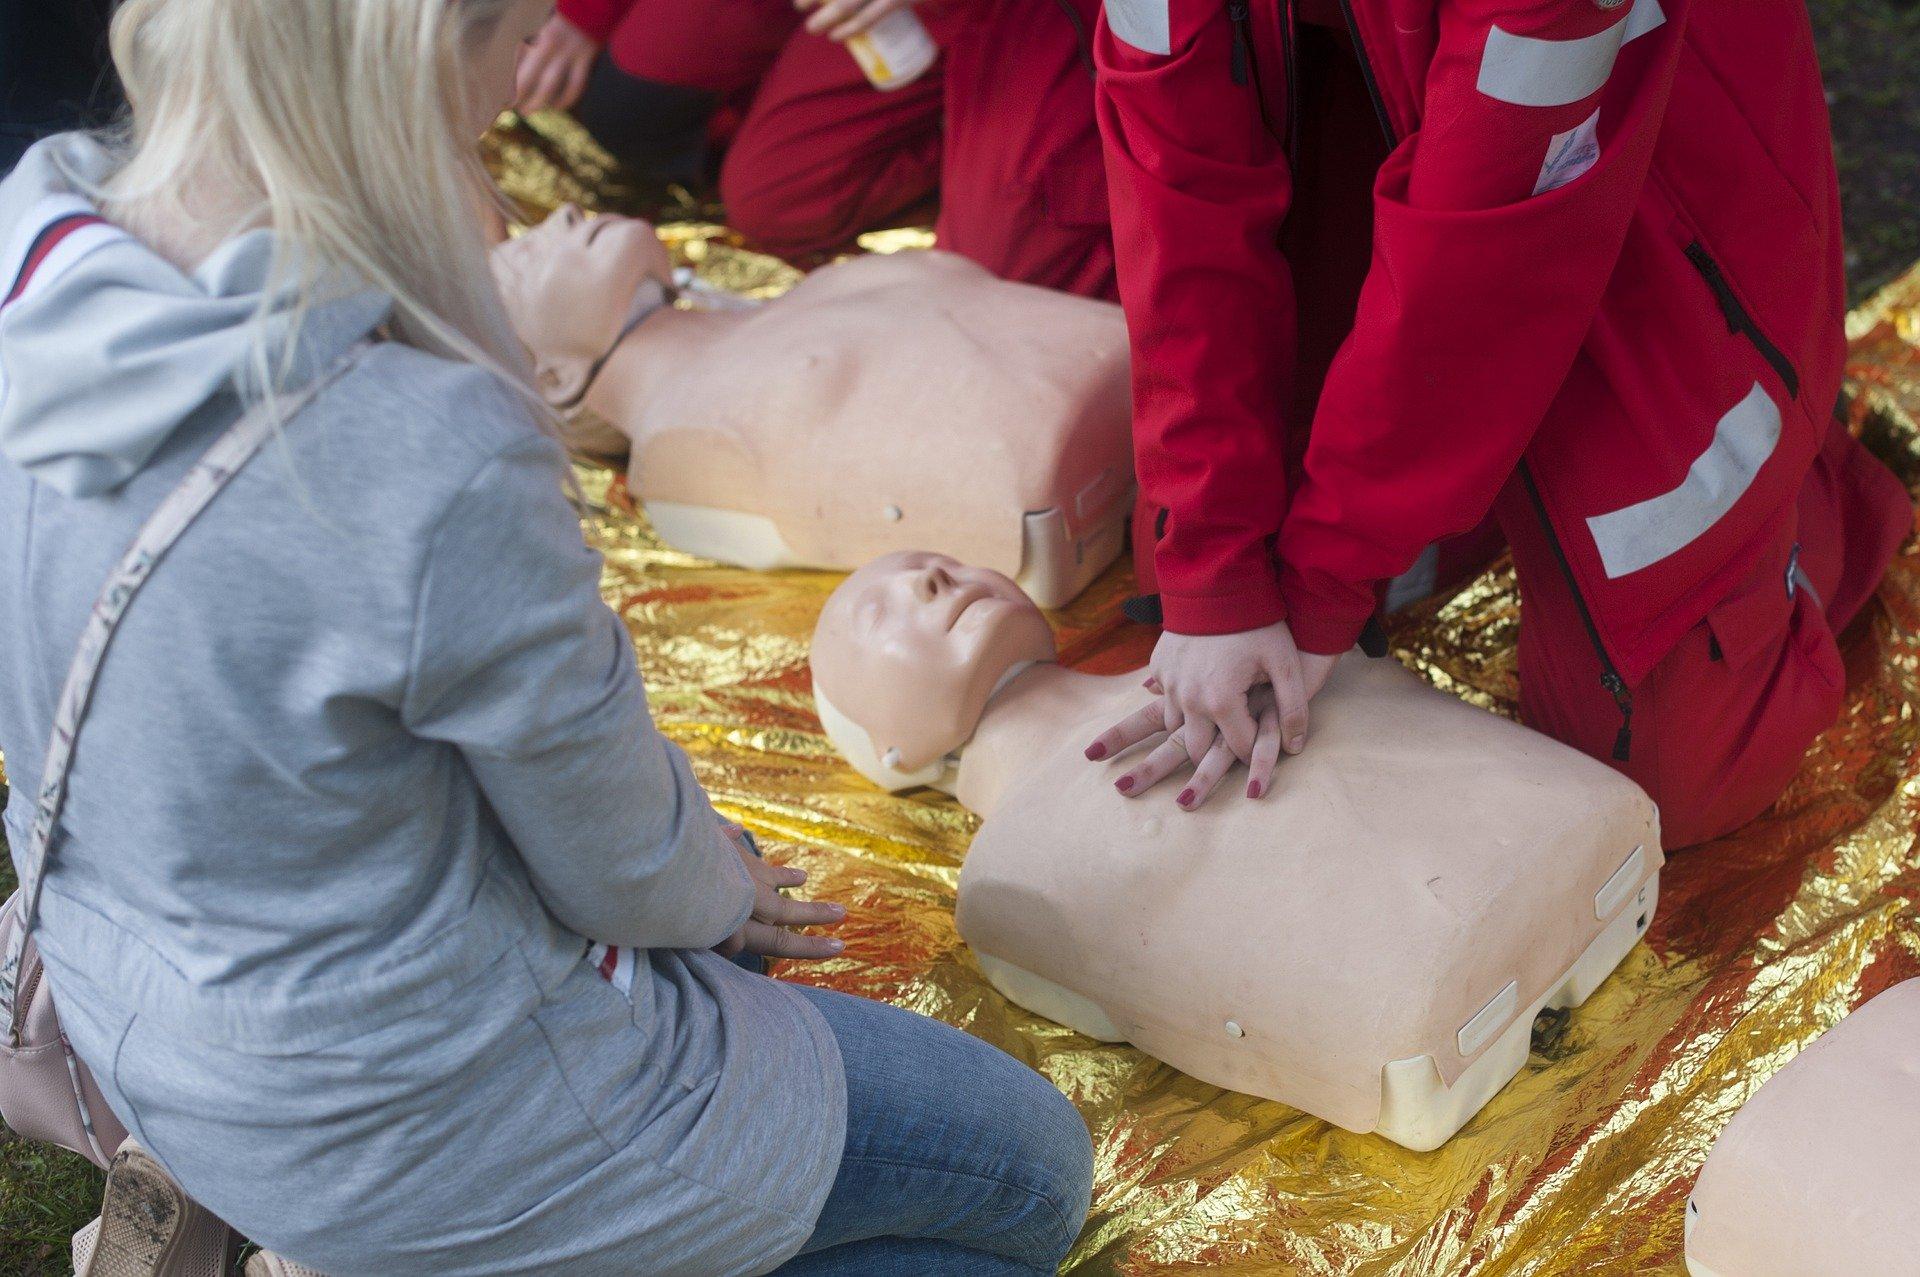 aiutiamo a salvare vite 6 2020 Come soccorrere in sicurezza una persona vittima di arresto cardiaco in emergenza da coronavirus